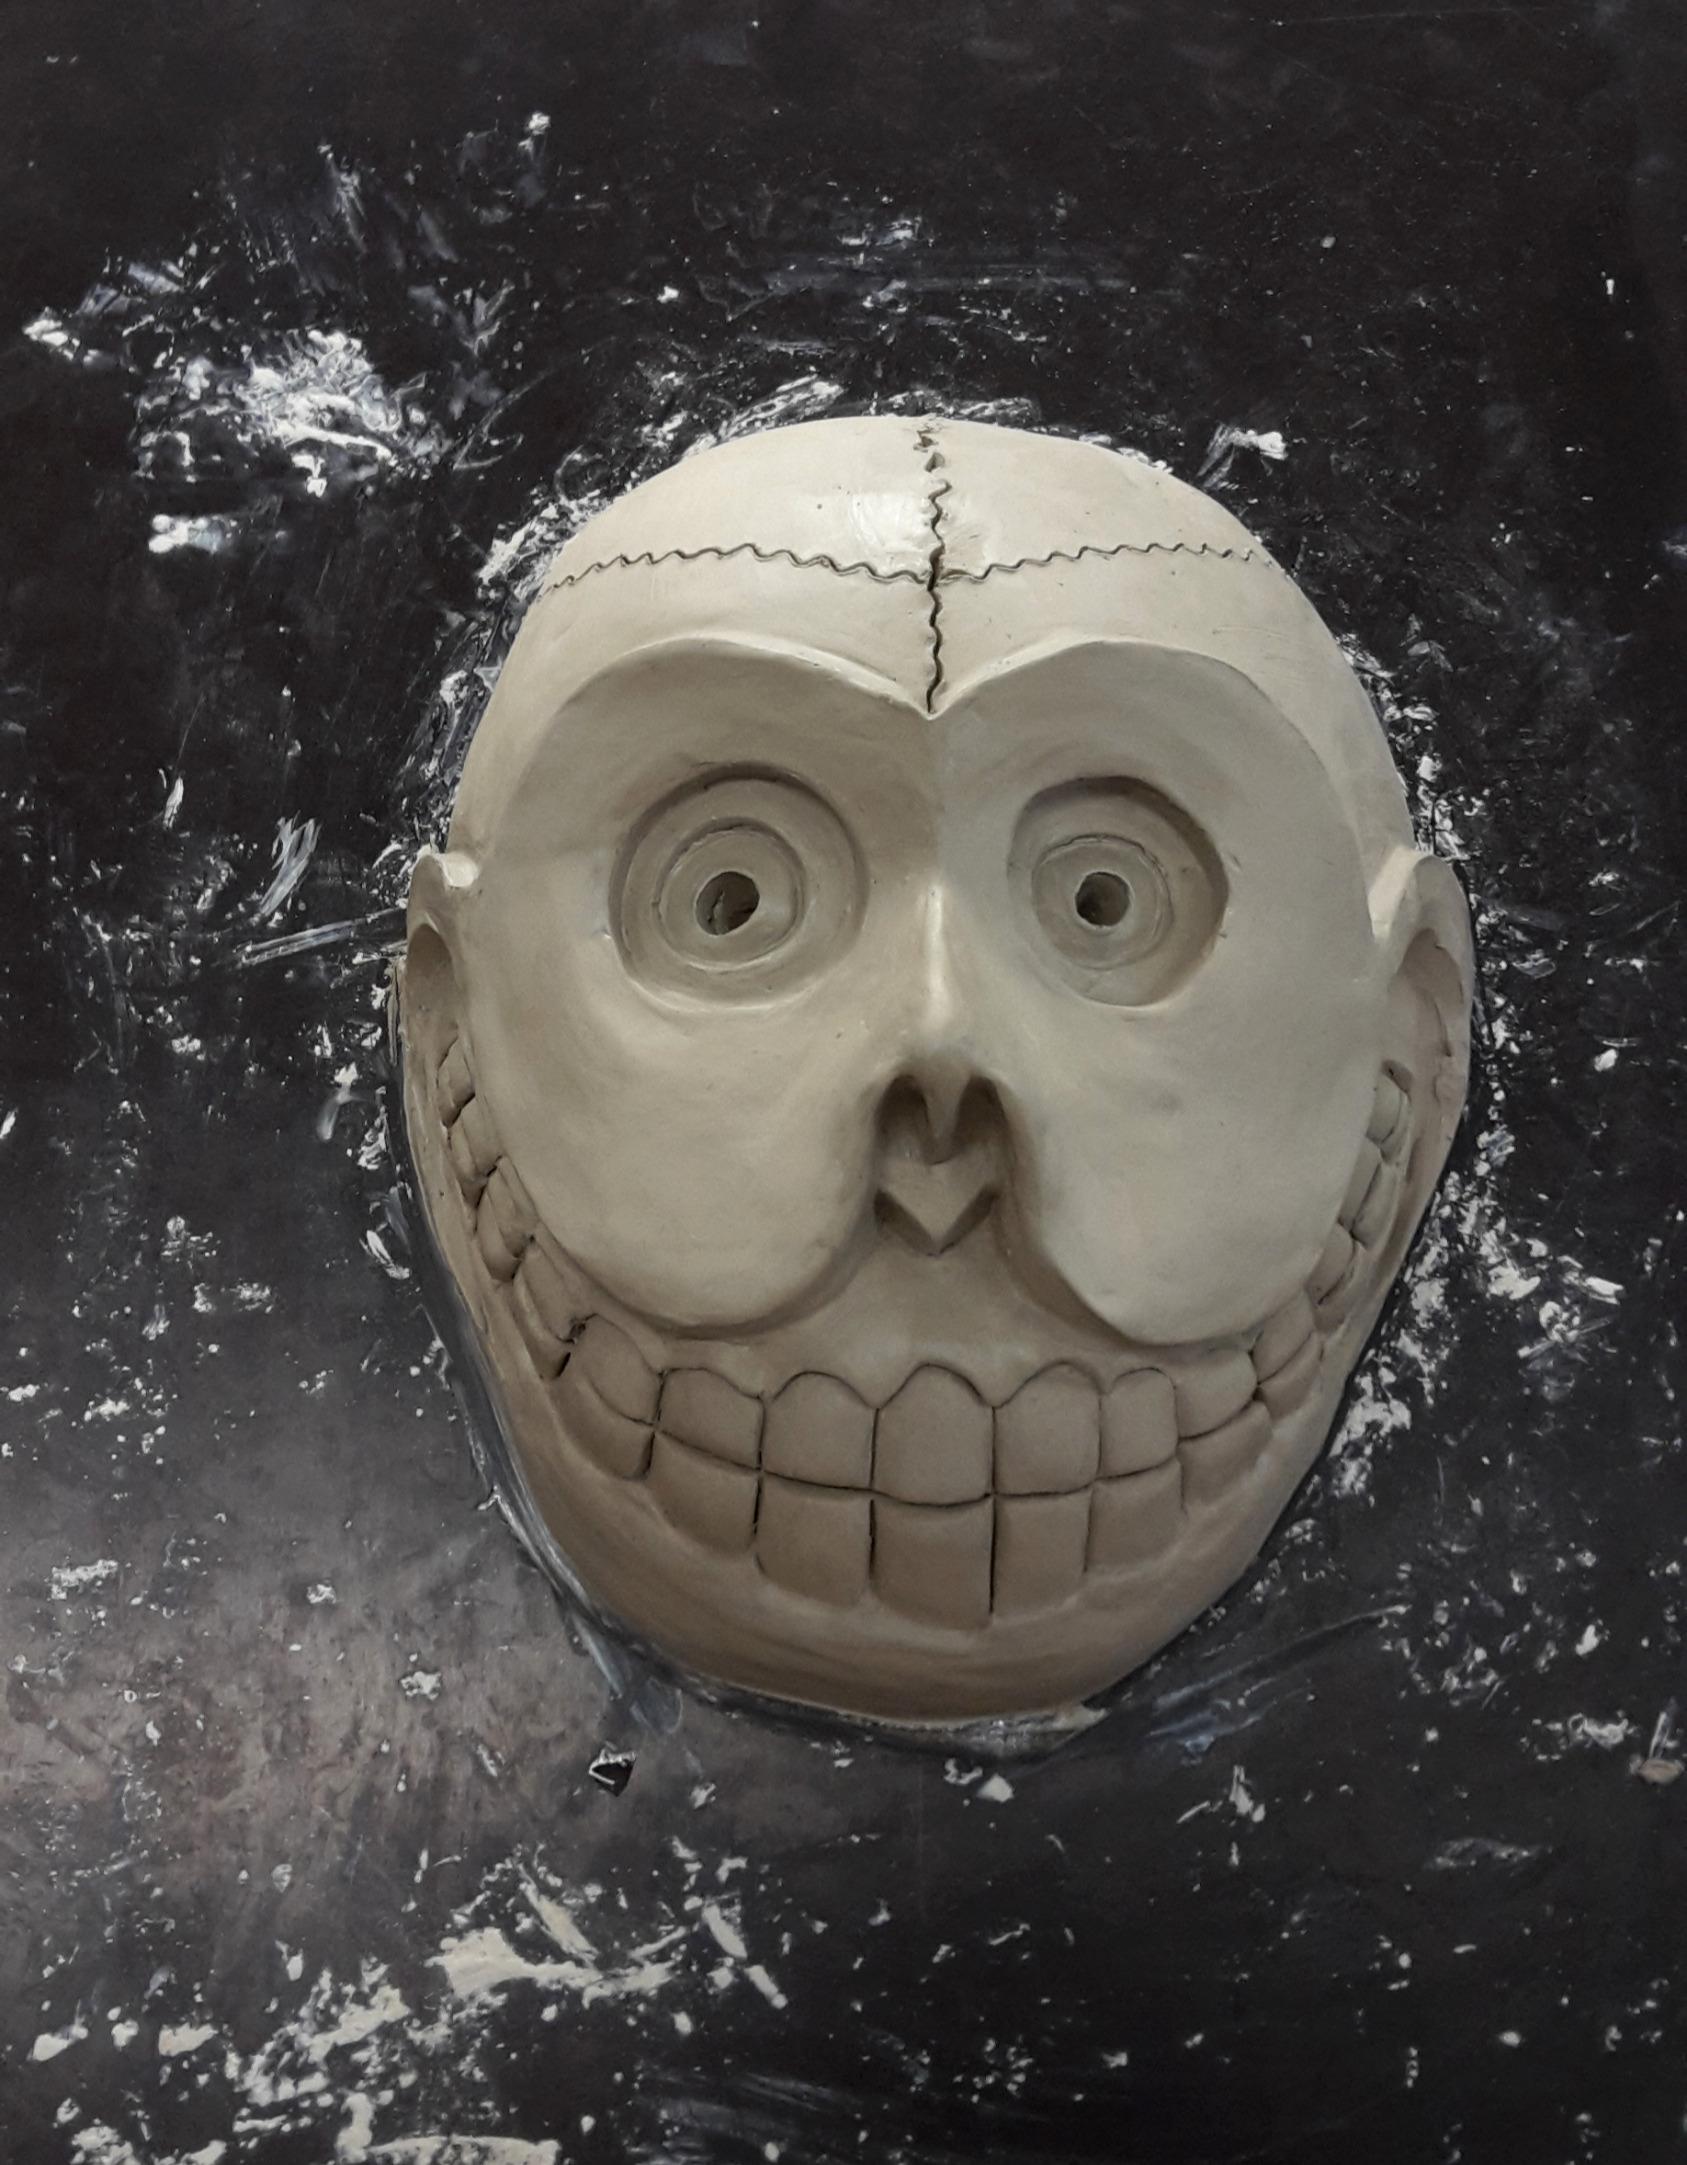 Masque en argile, inspiré de la fête des morts et de Alice aux pays des merveilles.